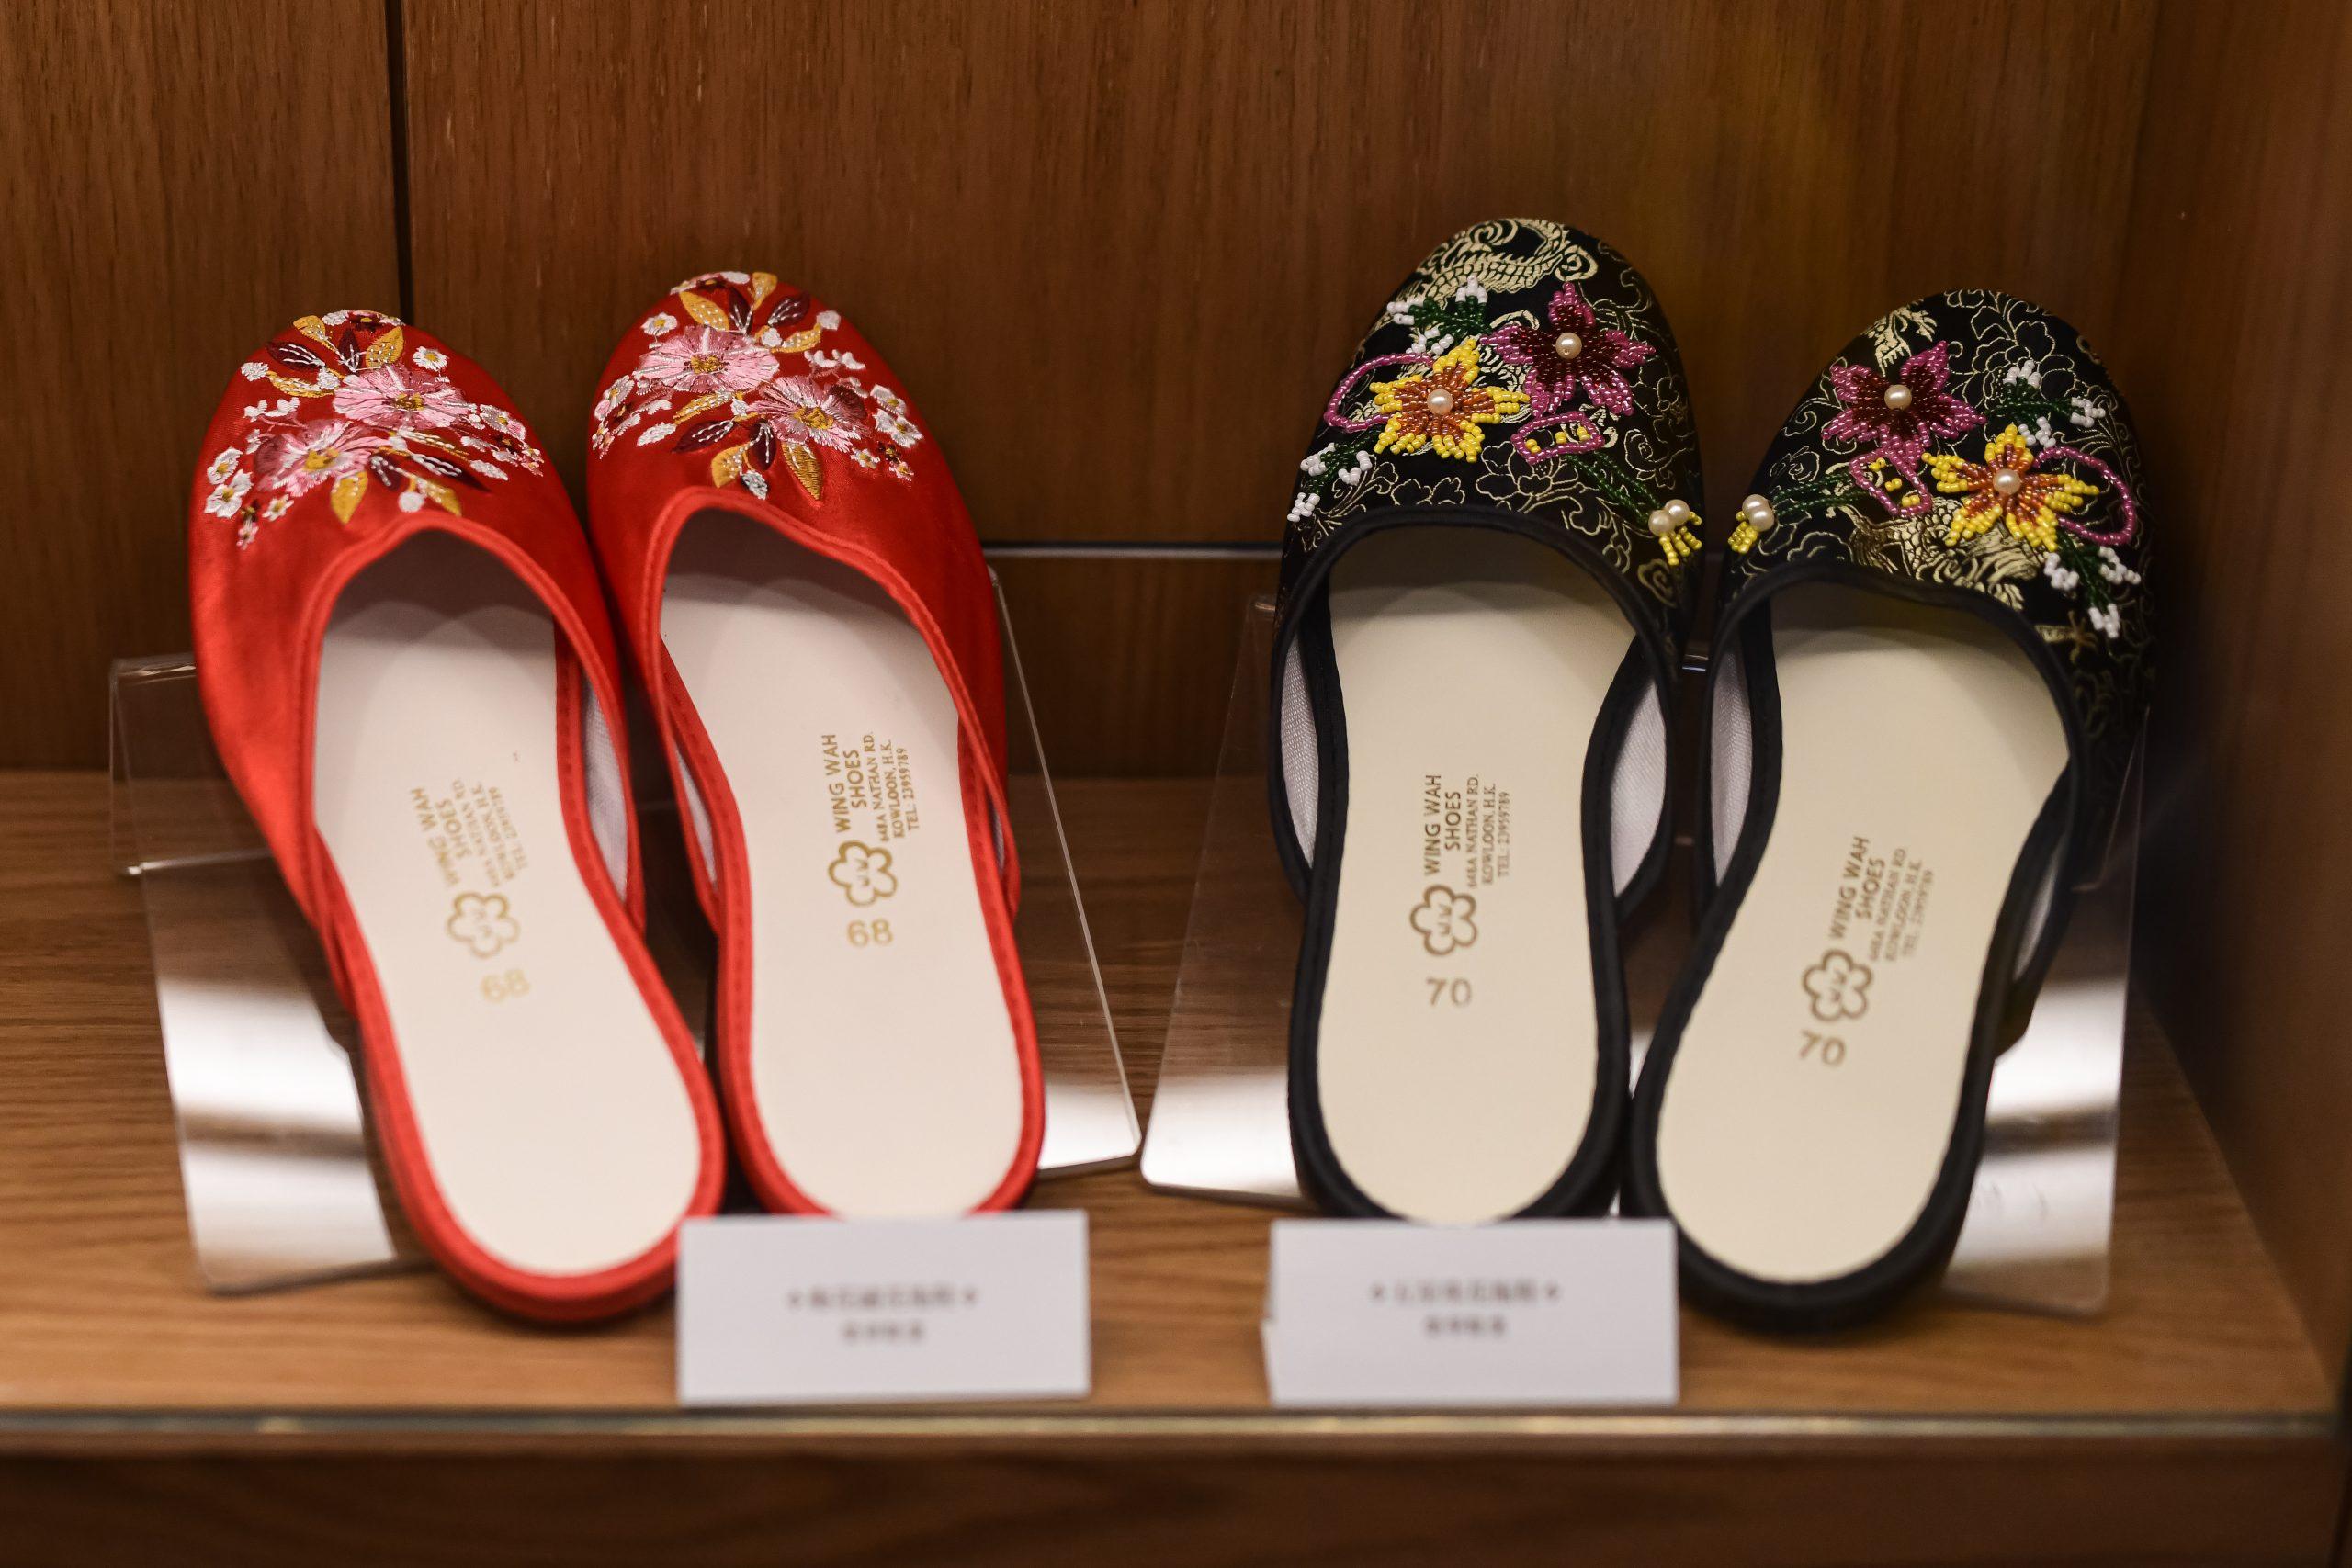 老香港設計展覽 香港遺美 阿銀冰室 歷史 老店 榮華鞋業 拖鞋